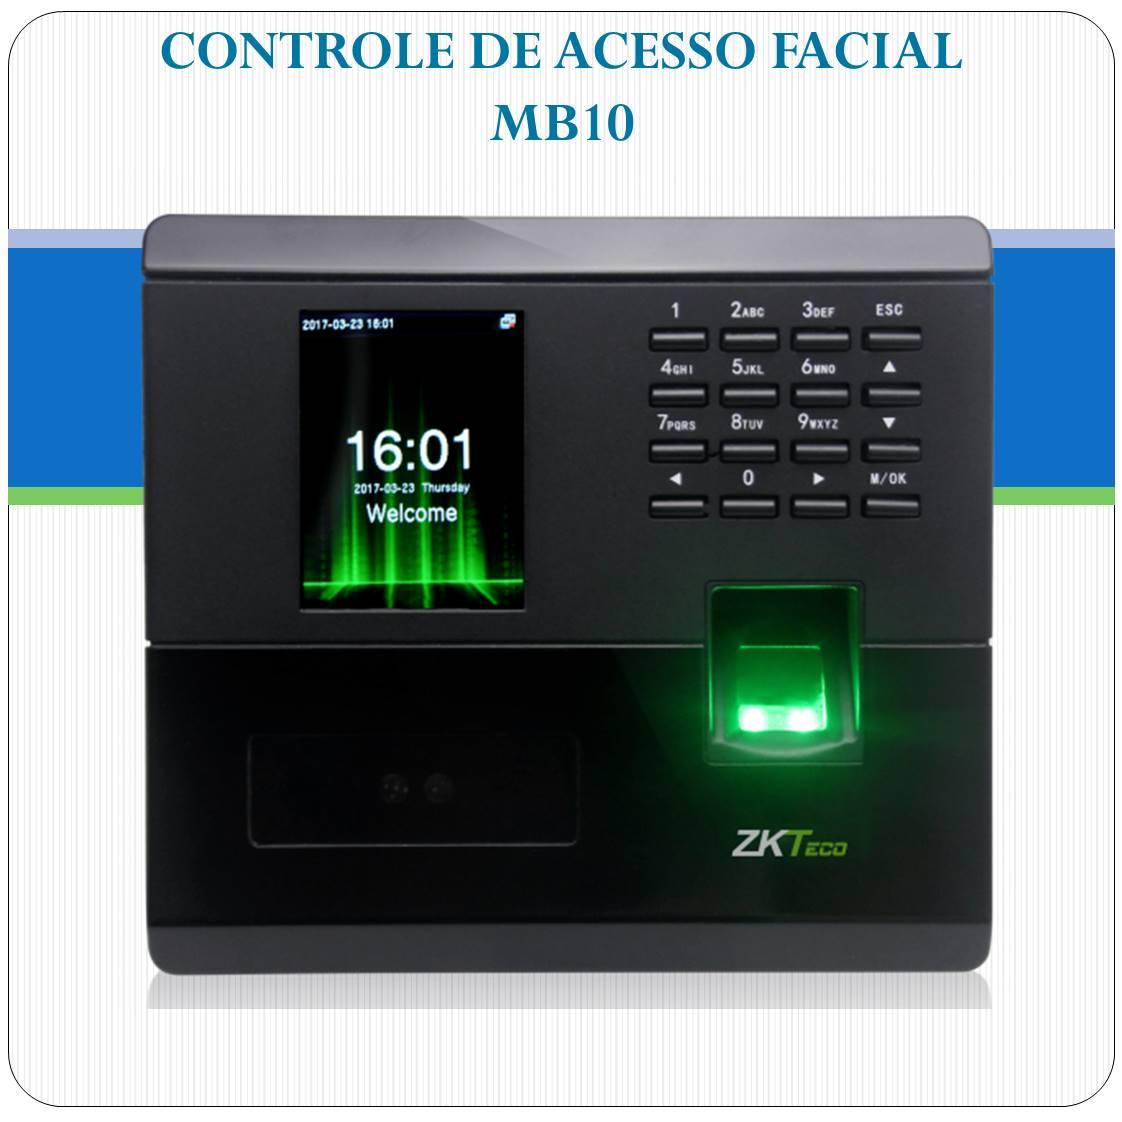 Controle de Acesso Facial + Impressão Digital - MB10